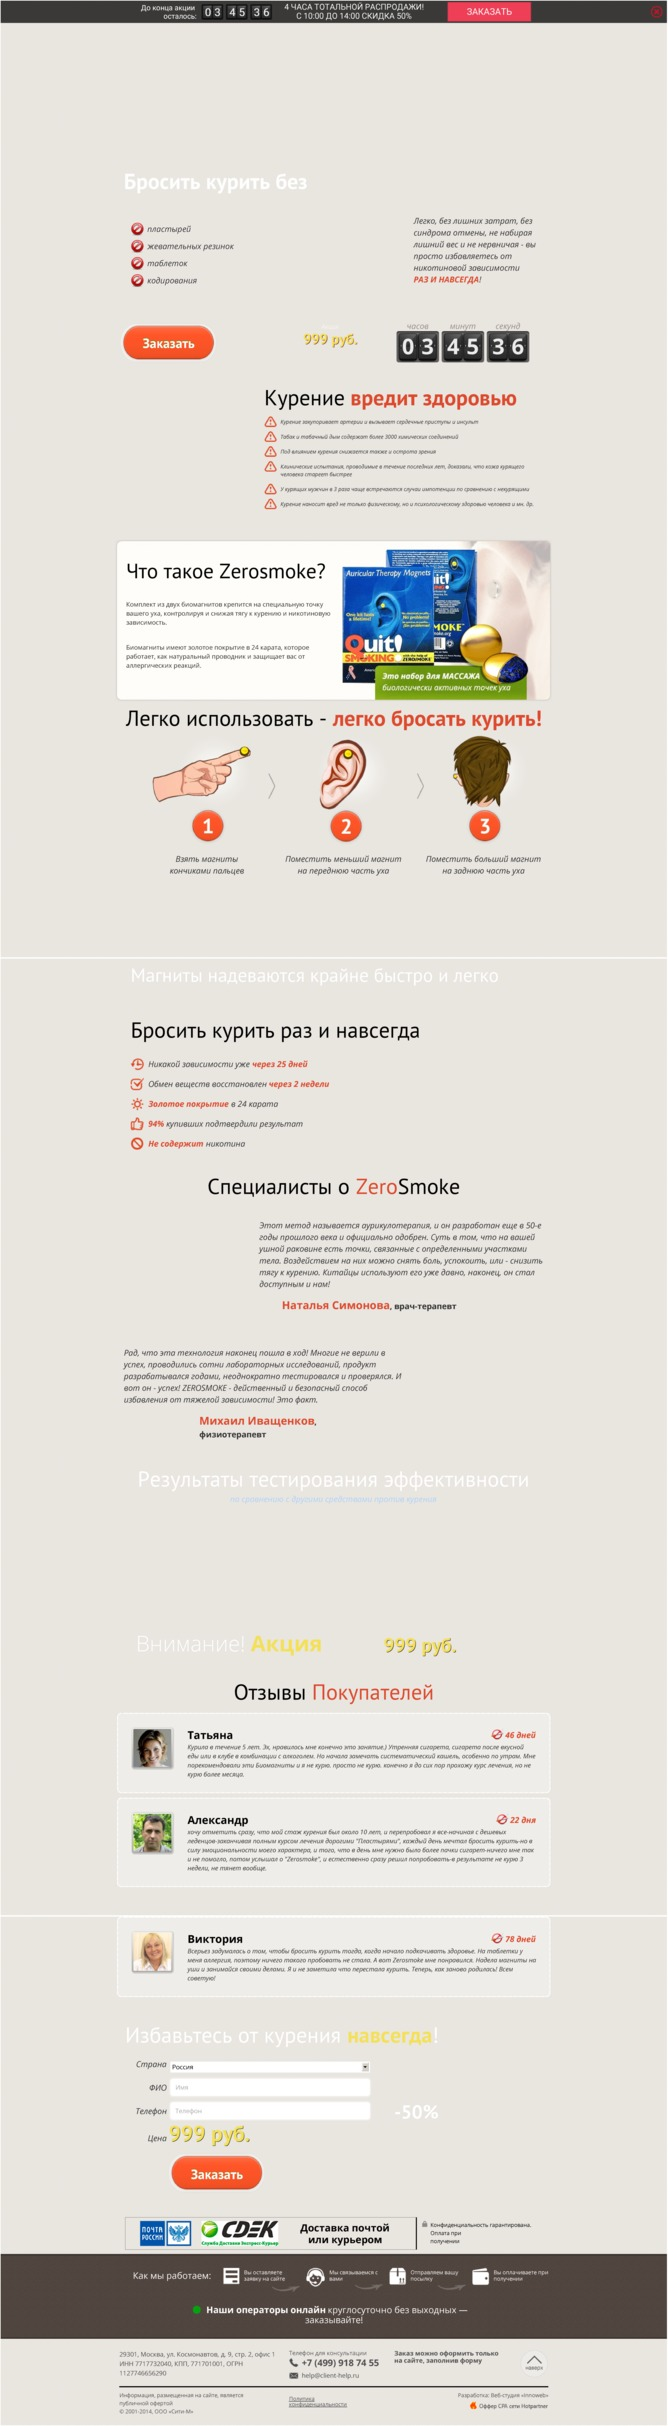 лагерь для похудения в украине